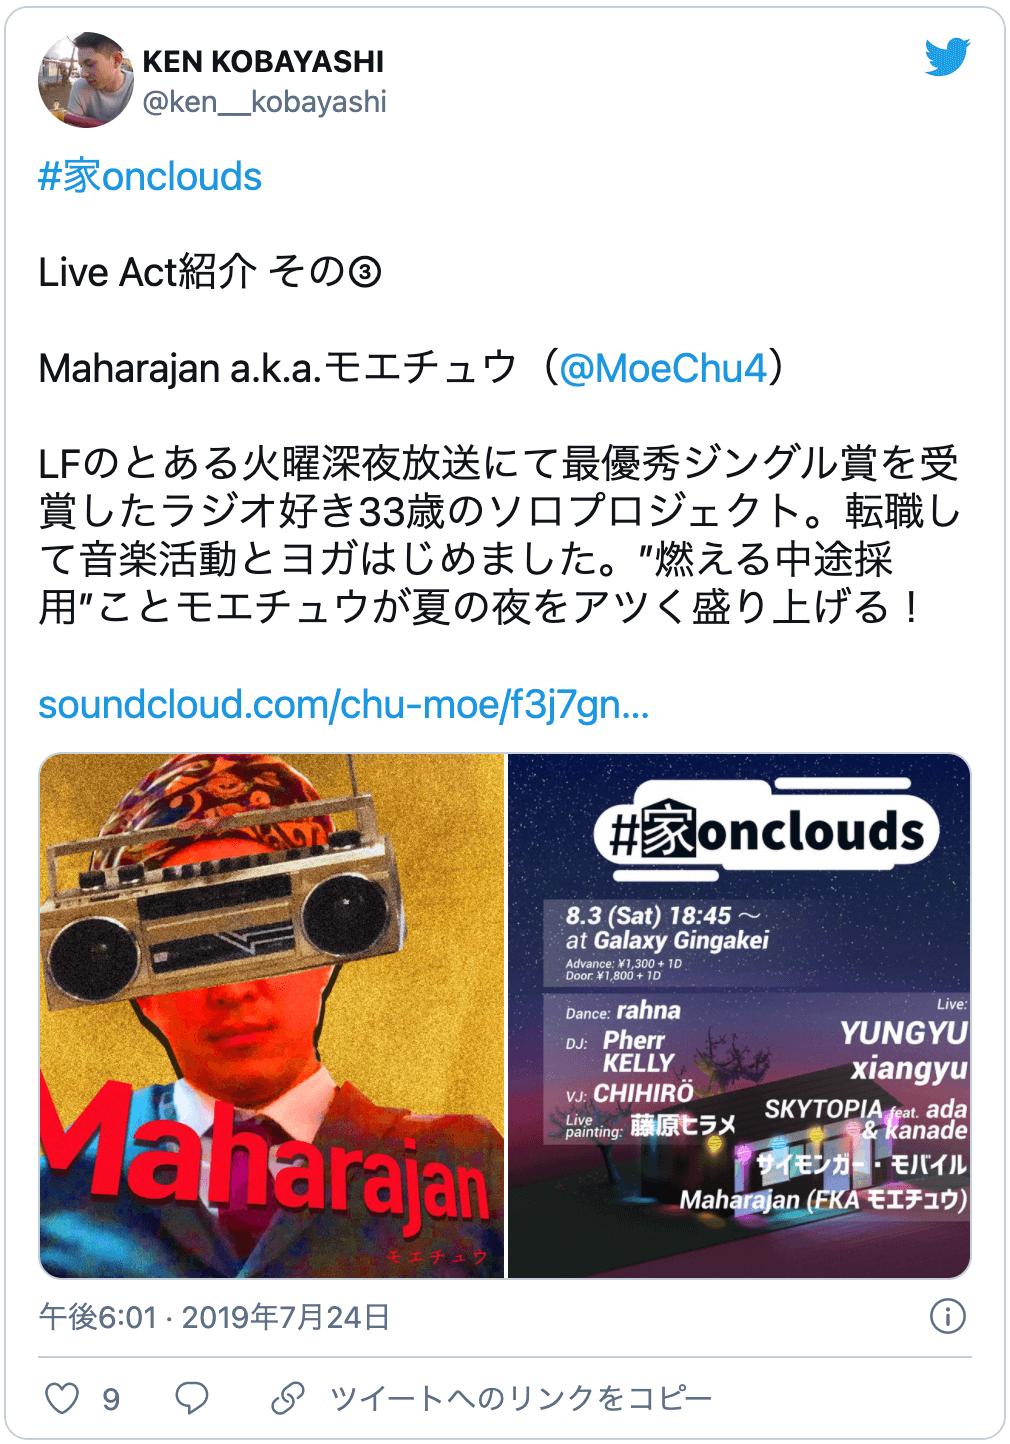 KIN KOBAYASHIのツイート